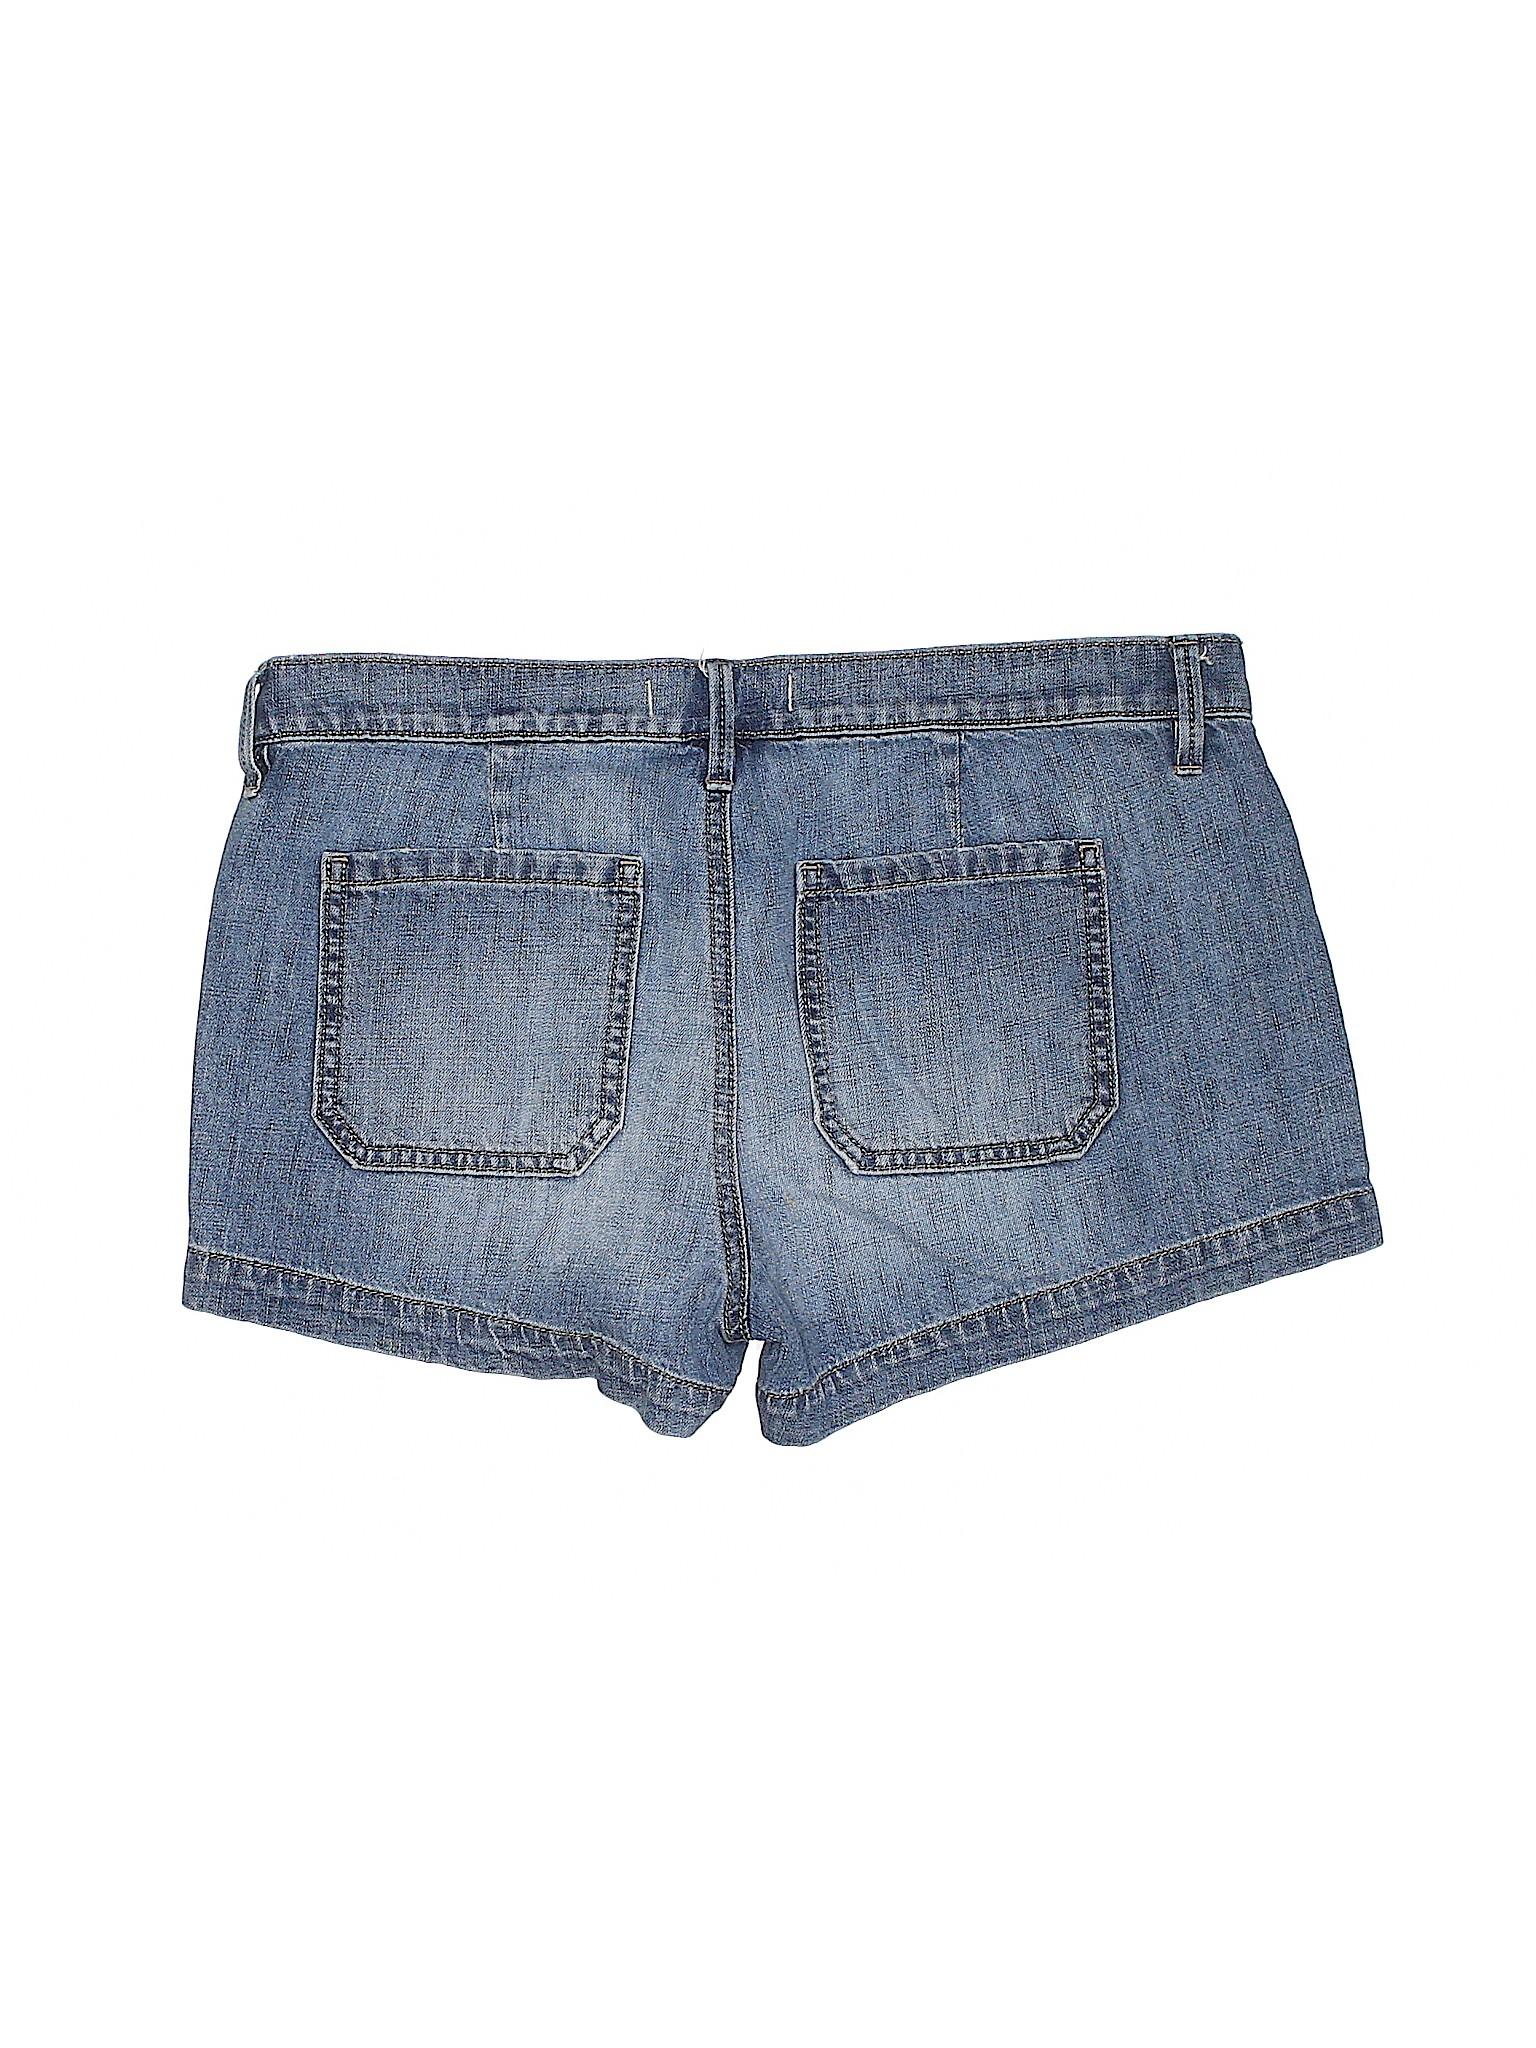 Taylor Shorts Ann Boutique LOFT Denim 70gF6wq